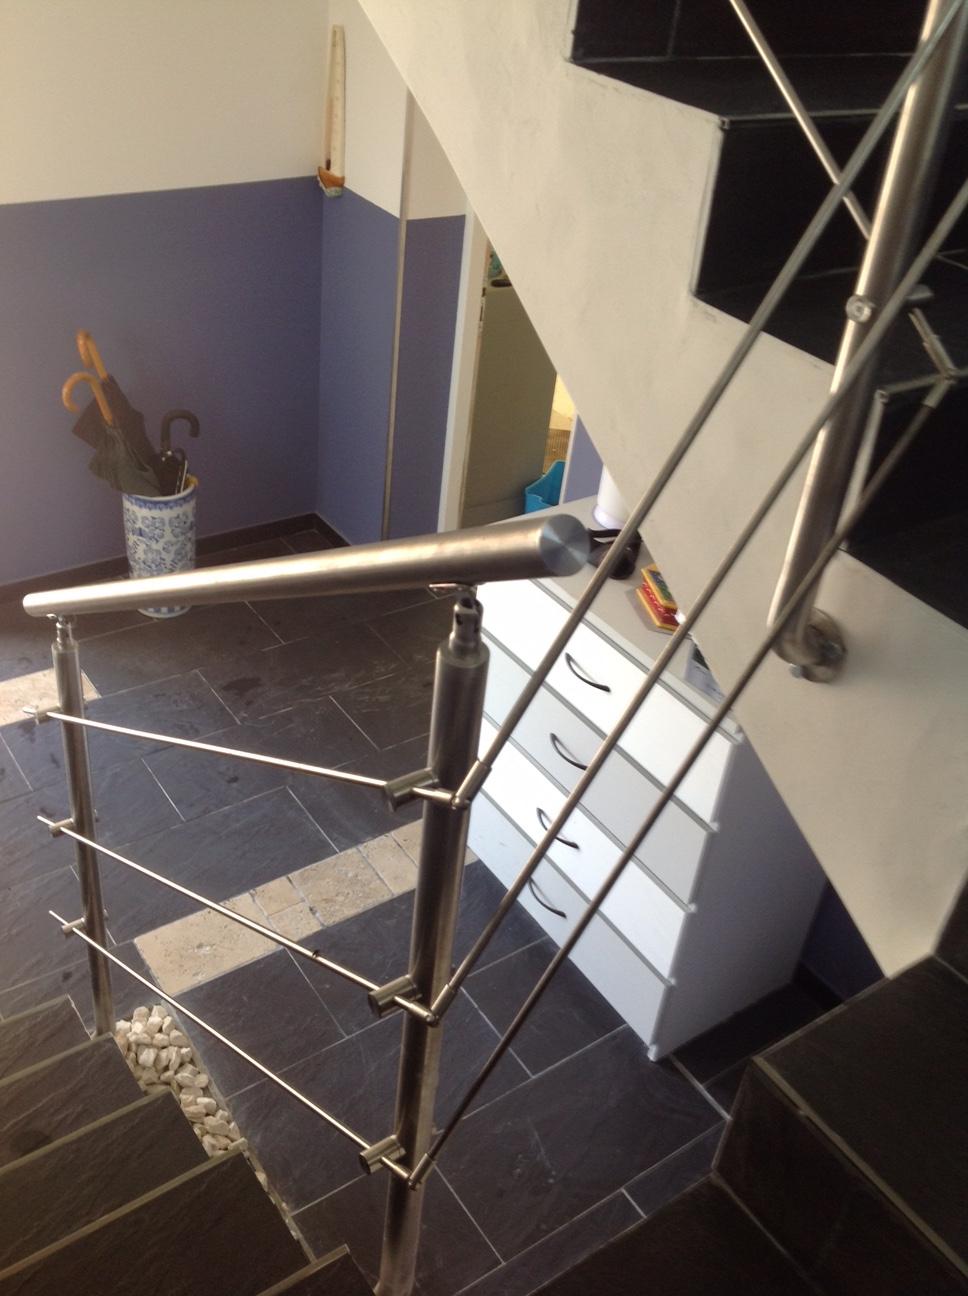 Conception et fabrication complete par notre client d'un garde corps de protection escalier en Inox  -  Réalisation a  partir de notre gamme en Inox . Localisation Gard